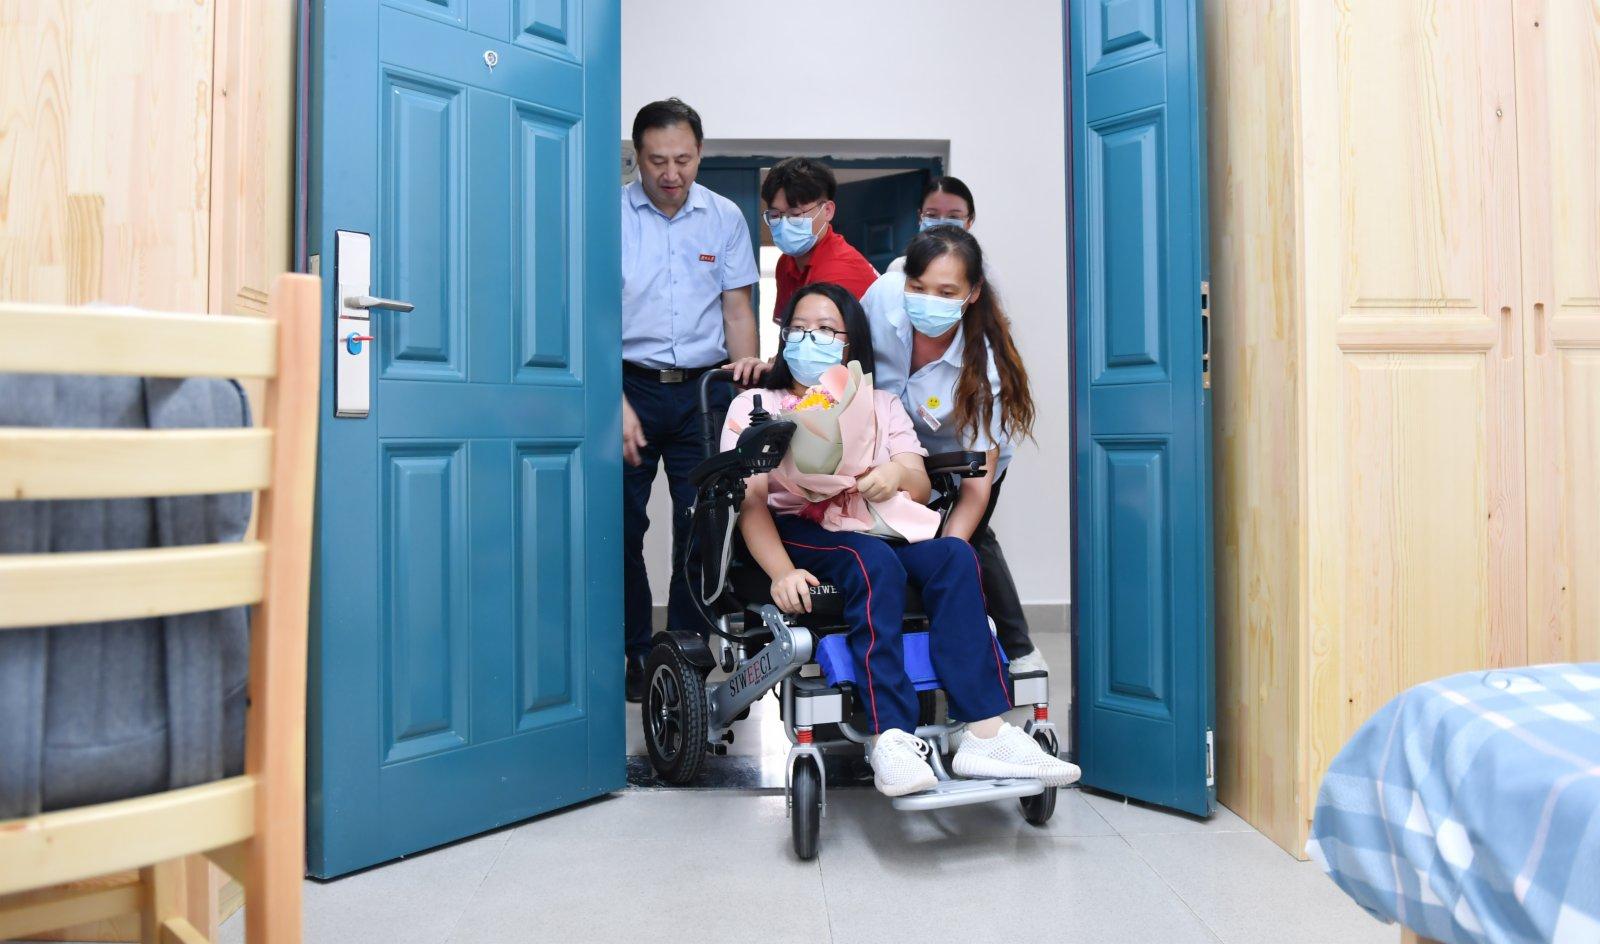 9月1日,謝可欣在湖南大學師生的幫助下進入學校為她安排的「愛心宿舍」。(新華社)